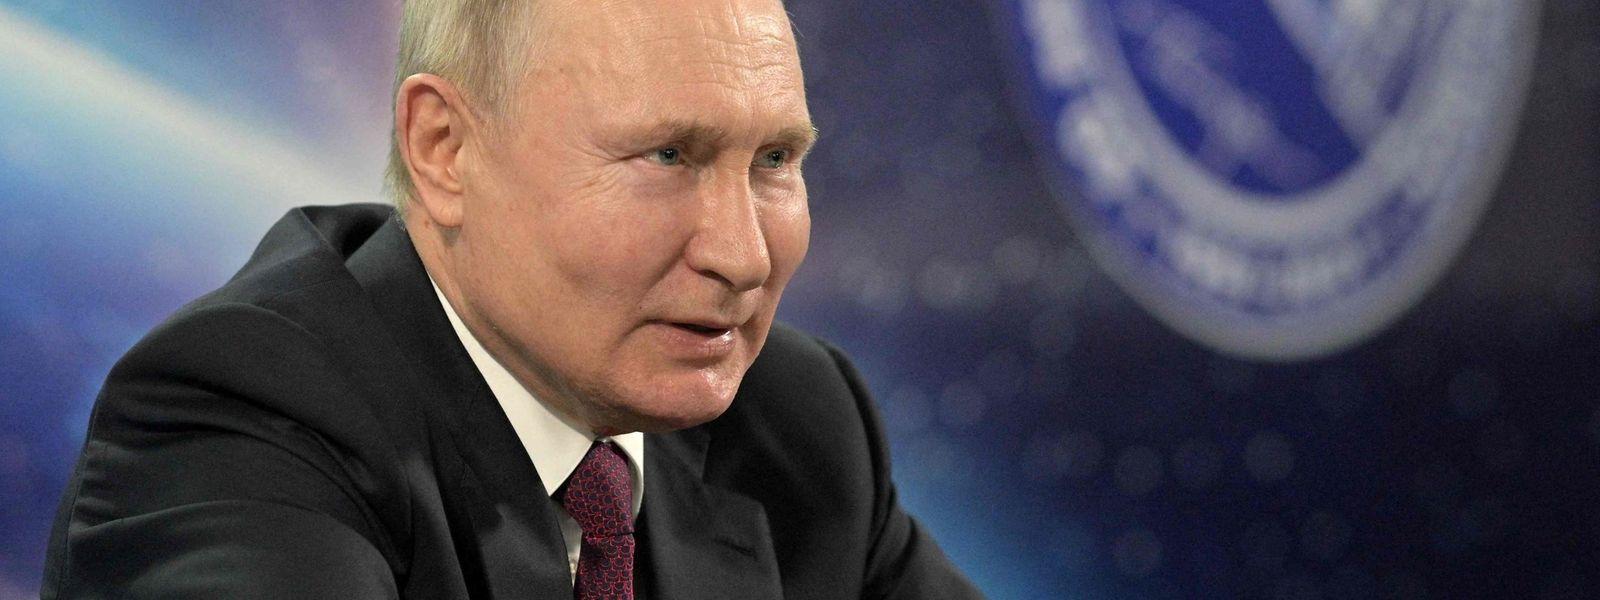 Putin lässt offen, ob der russische Staatschef positiv auf Bidens Initiative reagieren wird.